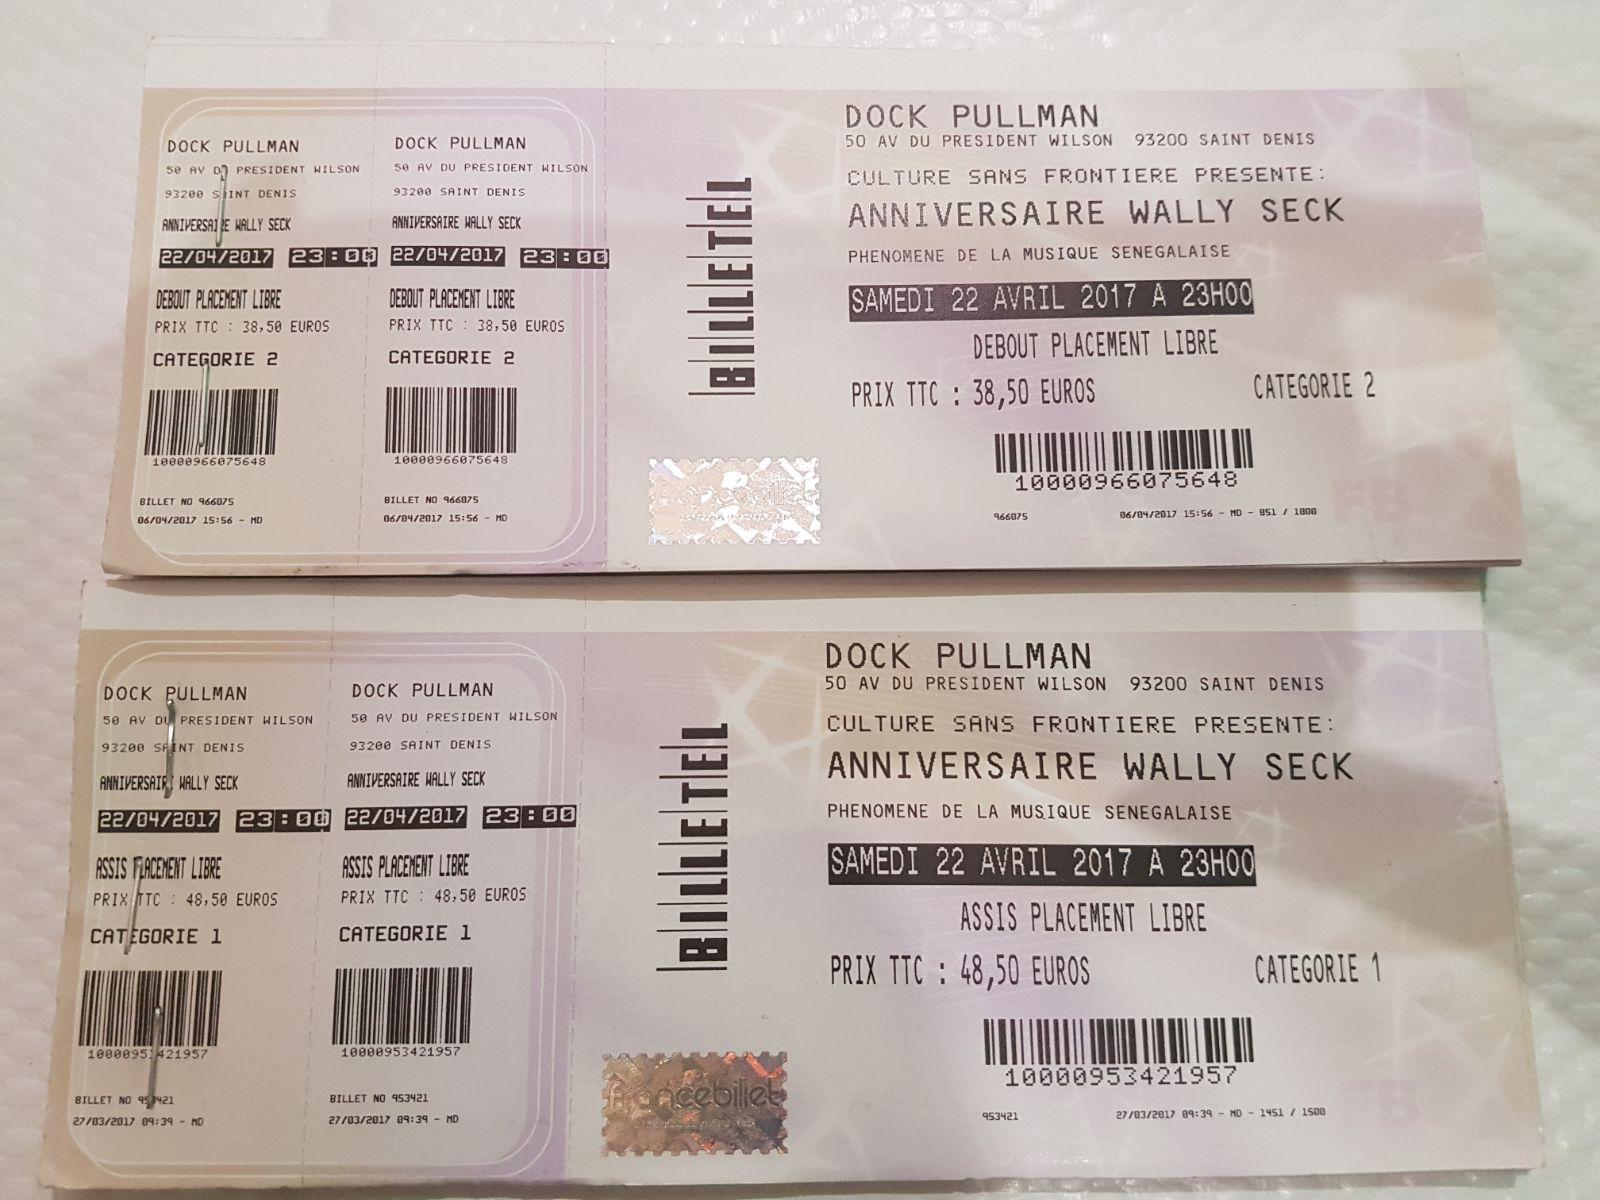 Anniversaire Waly Seck au Dock Pullman, les billets sont déjà disponibles. CONTACT: 0627299820 OMAR KANTE, 0615712700 Amsatou, 14 rue chabrol 75010 Paris Restaurant Pointe des Almadies